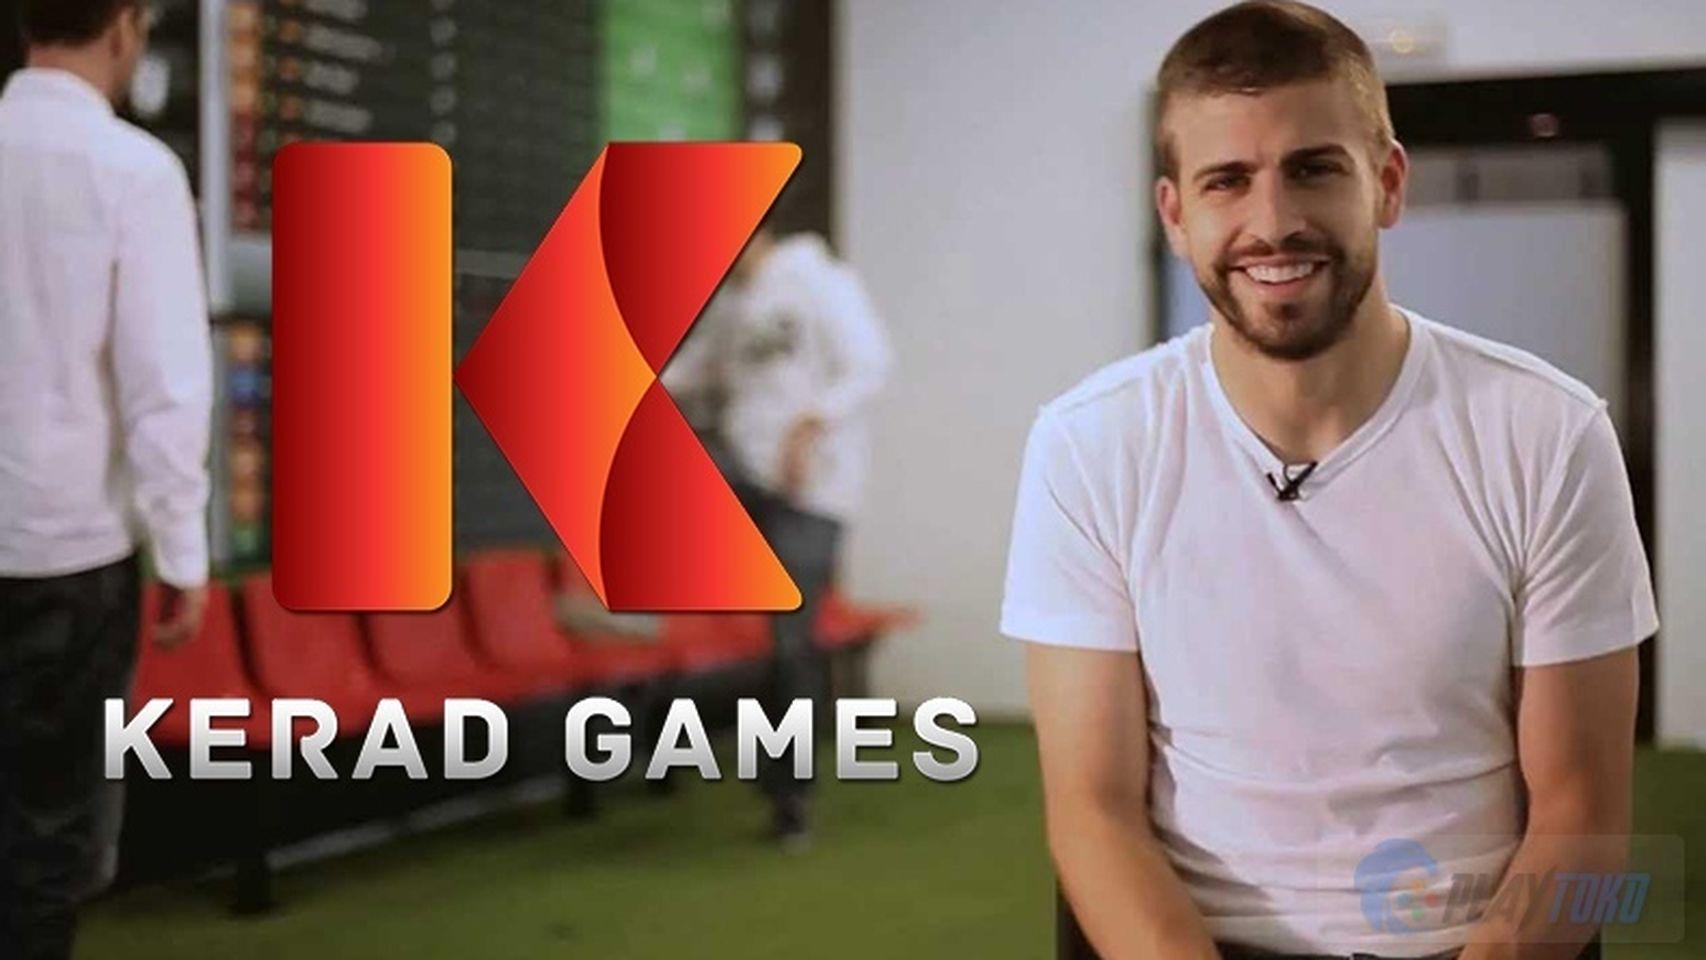 Imagen promocional de Piqué y su empresa Kerad Games